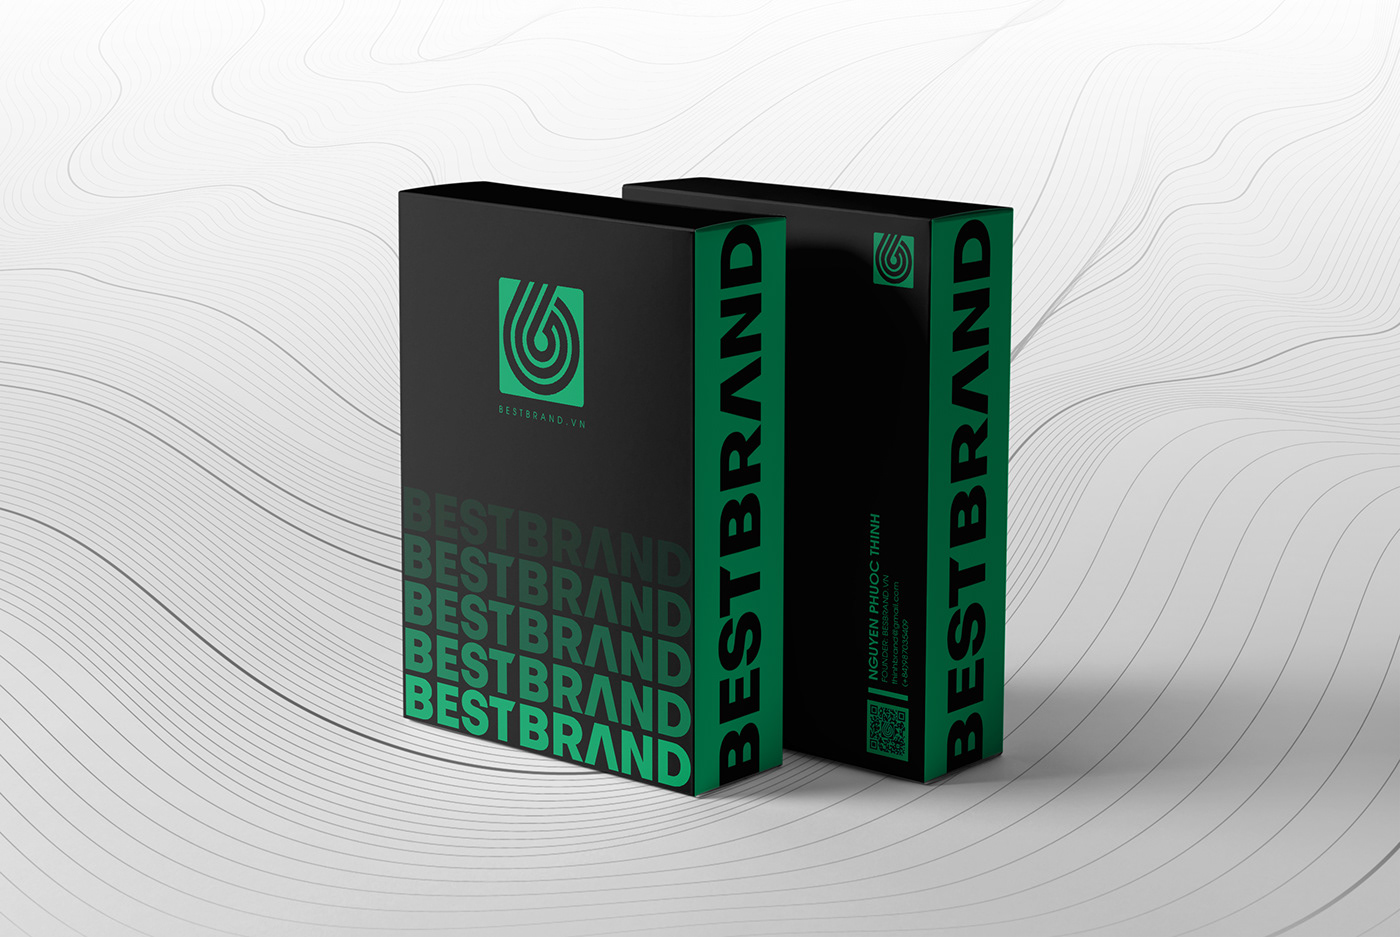 best brand Brand Design brand identity graphic design  ho chi minh nhân diên thương hiệu Thiết kế Thương hiệu thinh brand thương hiệu tốt nhất viet nam design